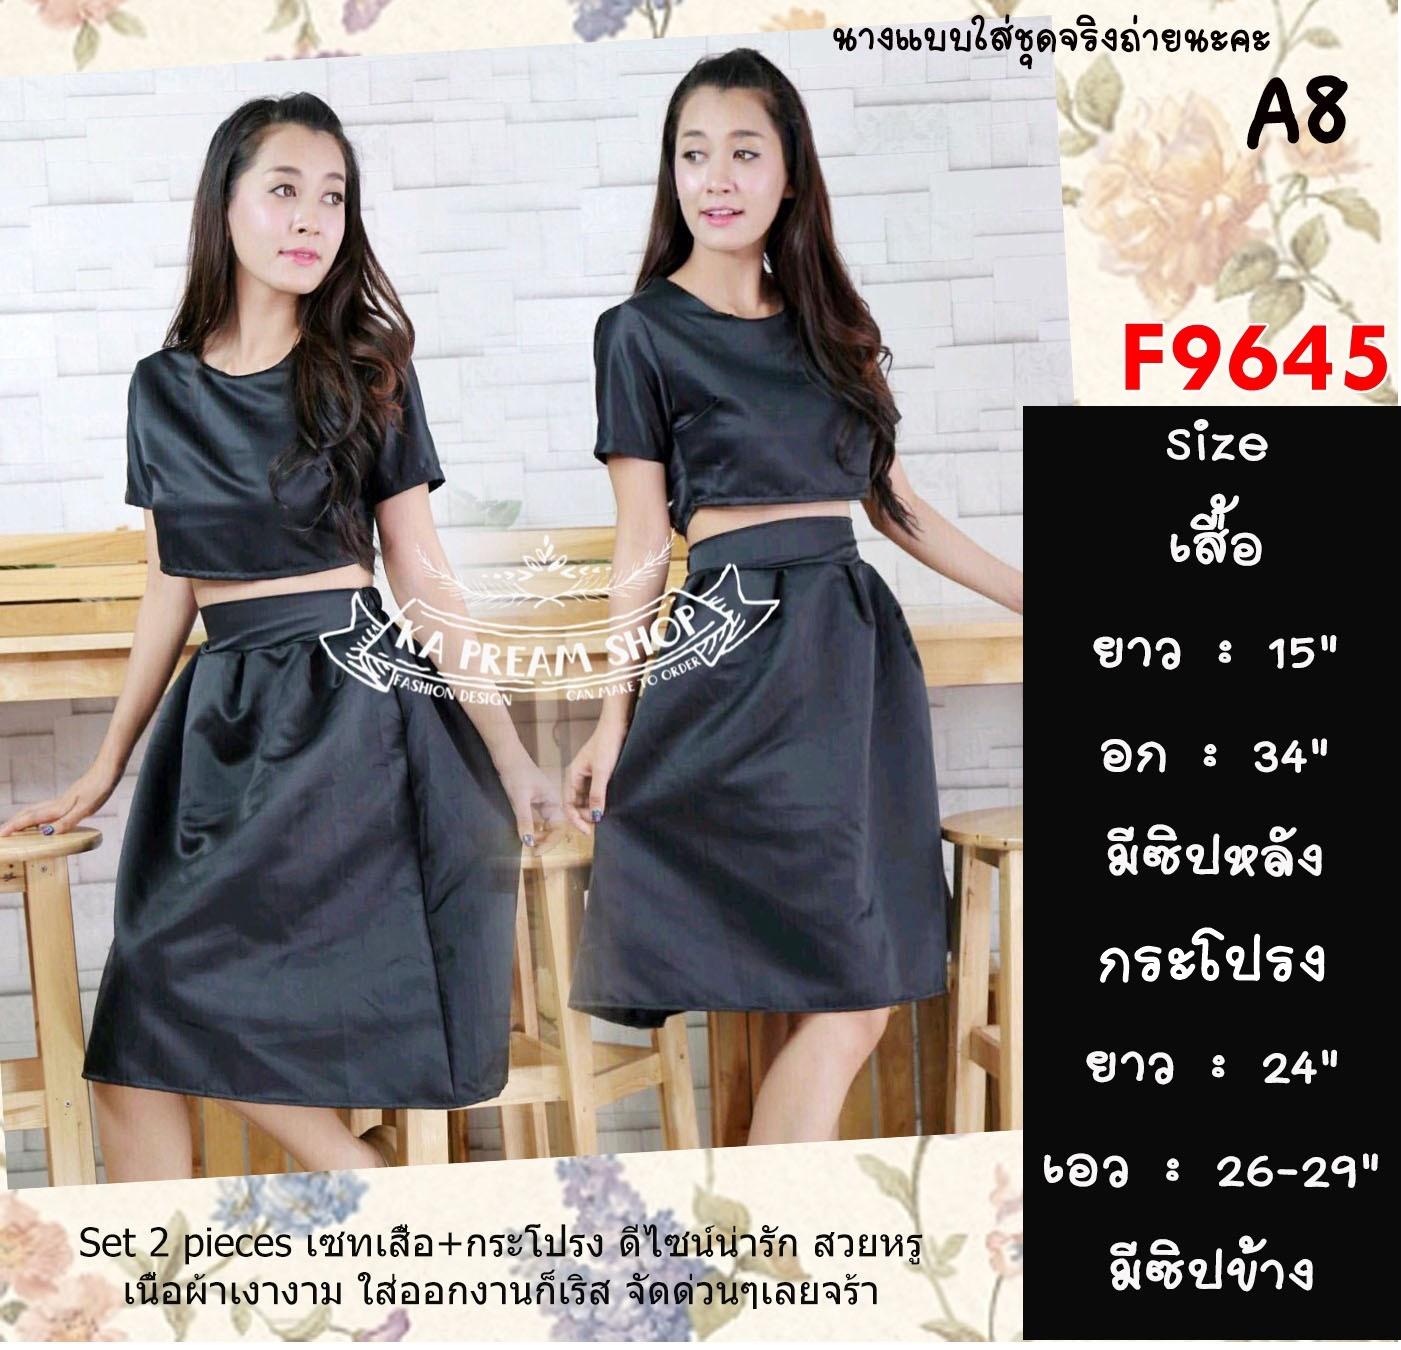 F9645 Set 2 pieces เซทเสื้อ+กระโปรง มีซิปข้าง สีดำ